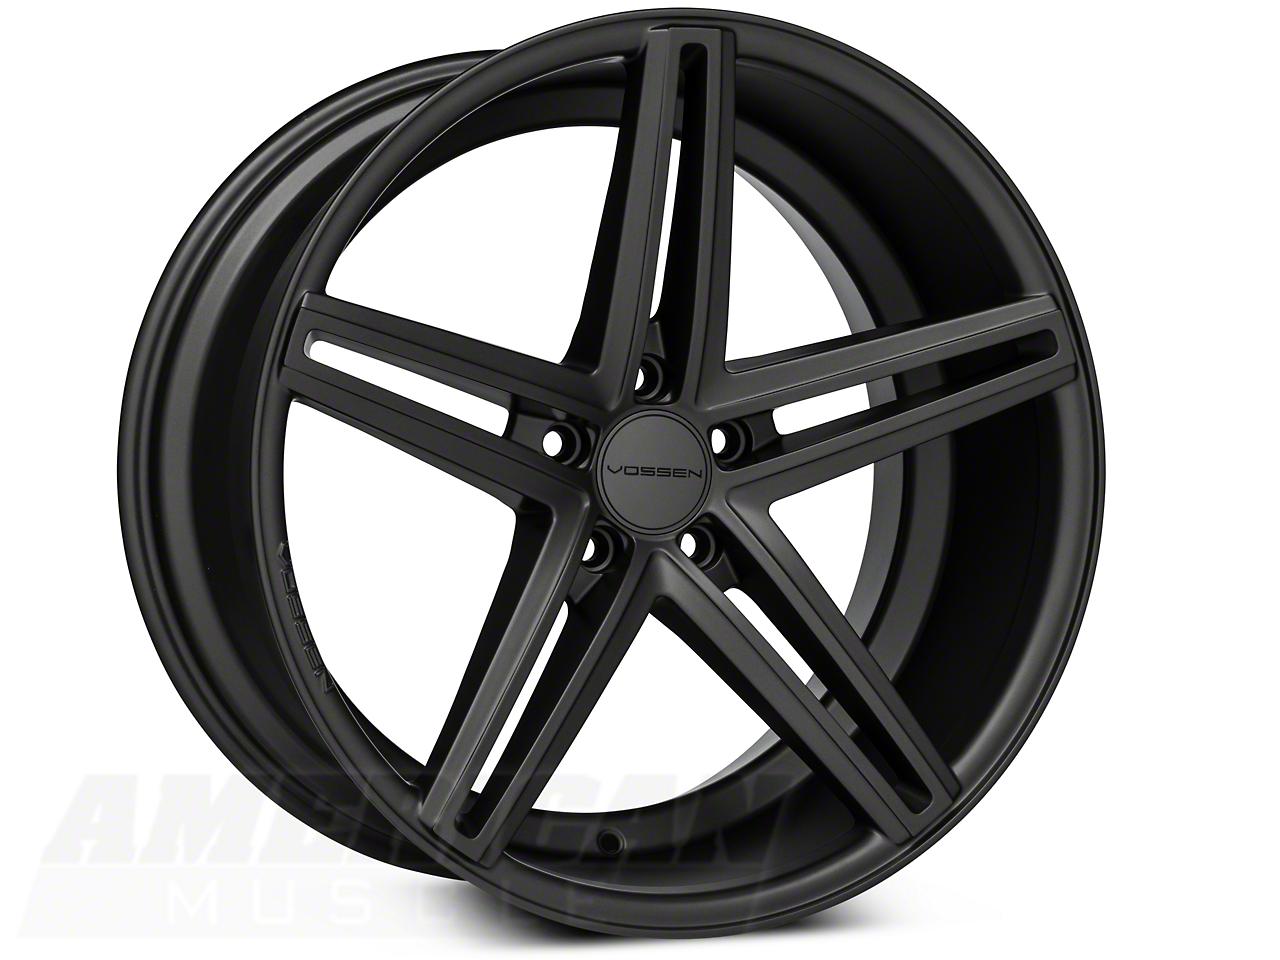 Vossen CV5 Matte Graphite Wheel - 20x10.5 (05-14 All)